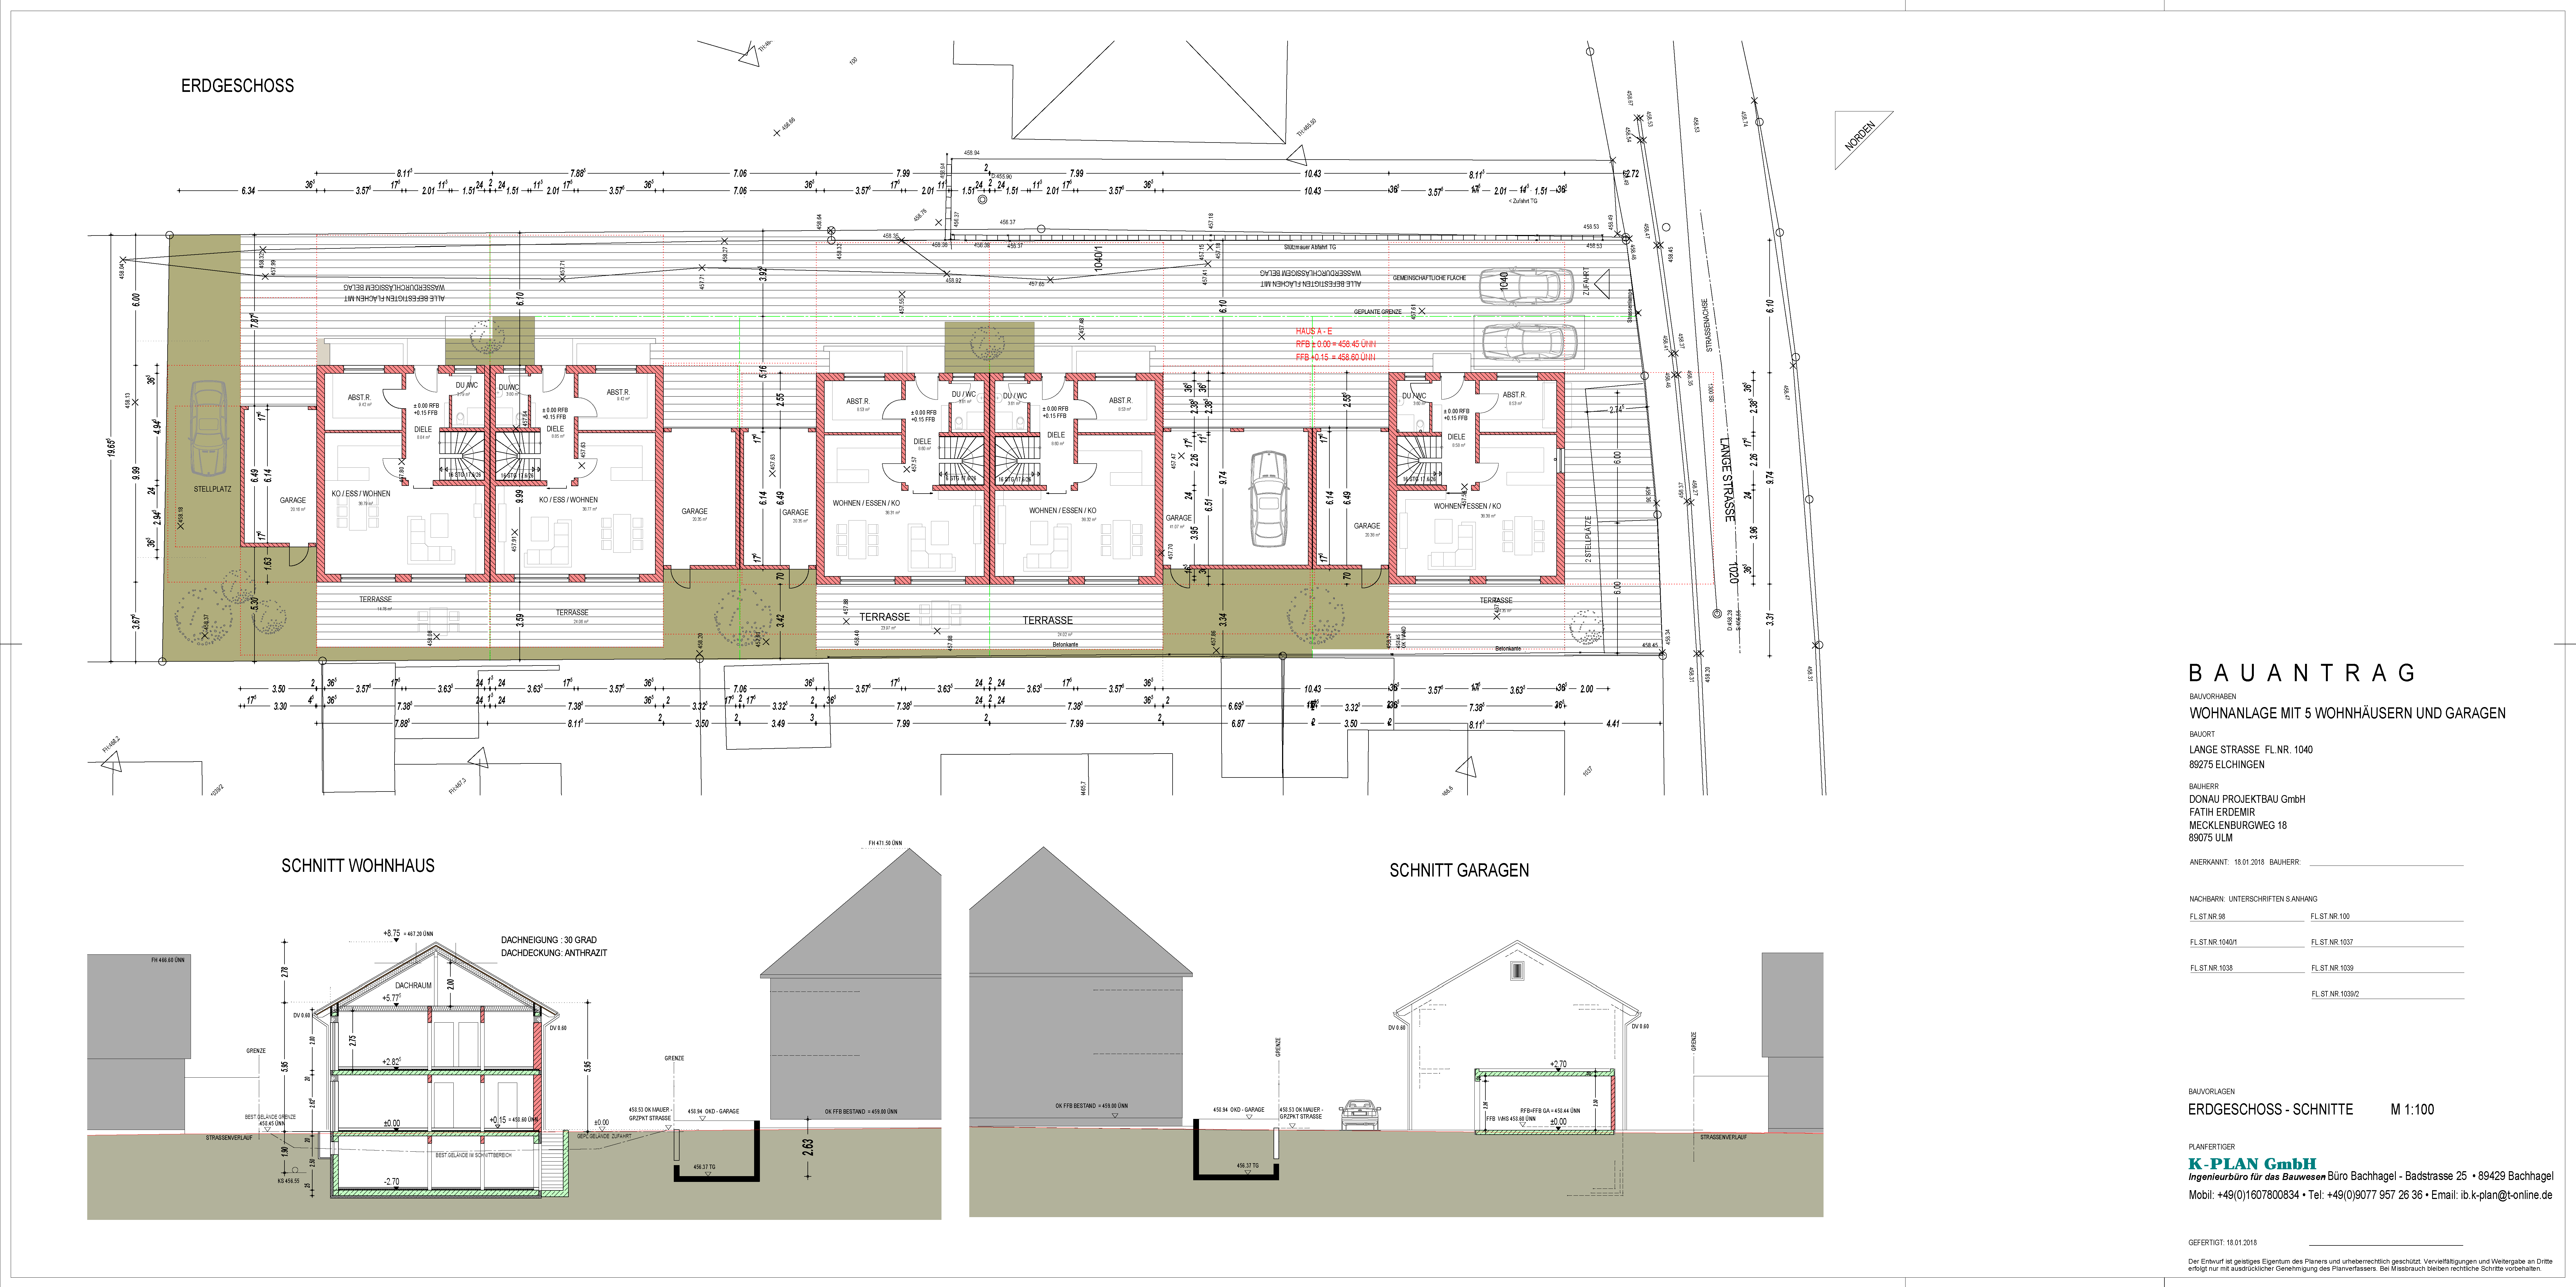 donauprojektbau-elchingen-massivhaus-einfamilienhaus-3projektbau-elchingen-massivhaus-erdgeschoss